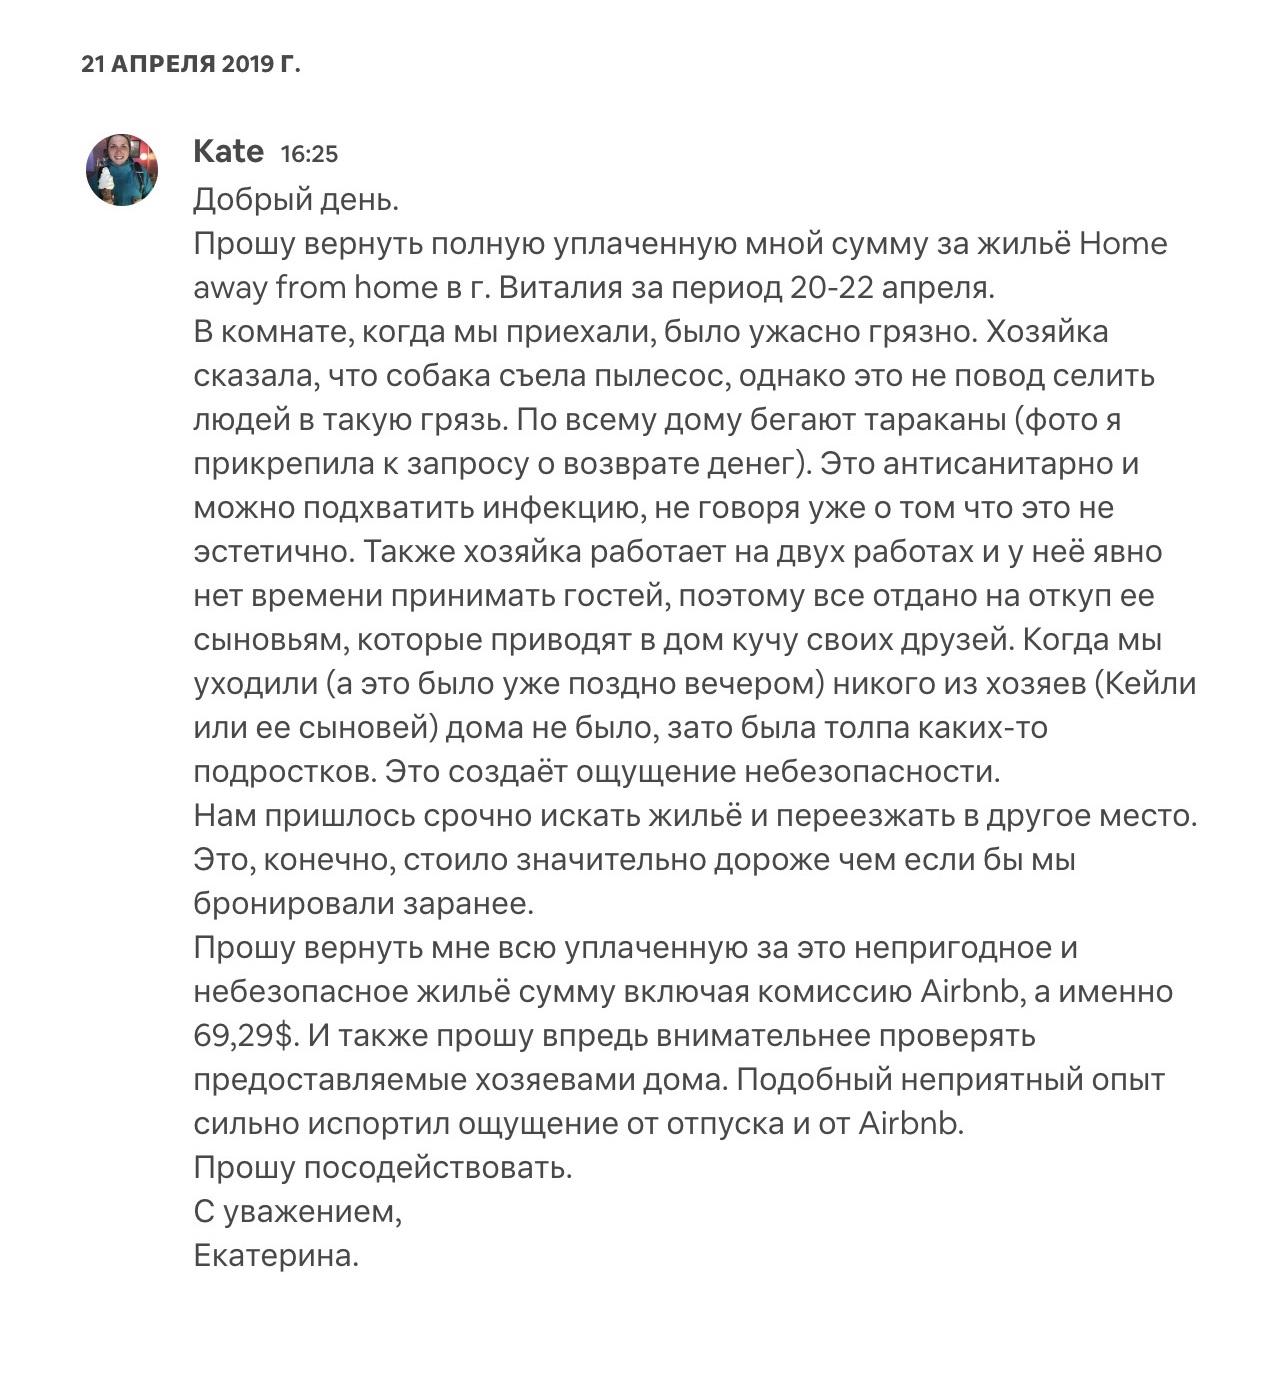 Письмо в службу поддержки Airbnb. Время указано московское, в Висейлии было 6:30 утра